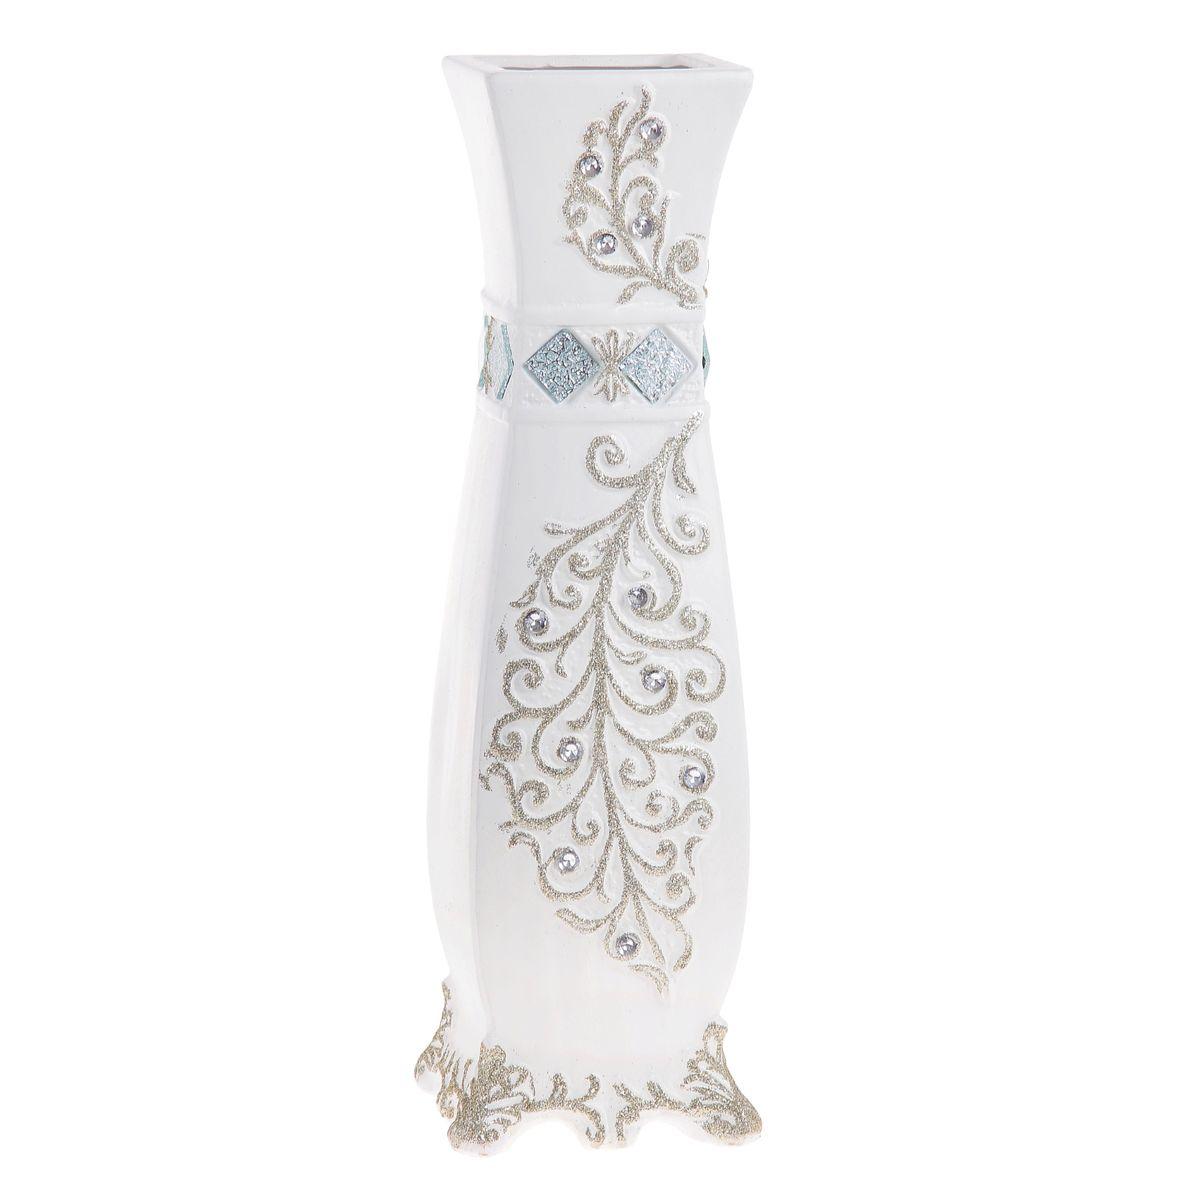 Ваза напольная Sima-land Веточка, высота 60 см913520Напольная ваза Sima-land Веточка, выполненная из керамики, станет изысканным украшением интерьера. Она предназначена как для живых, так и для искусственных цветов. Интересная форма и необычное оформление сделают эту вазу замечательным украшением интерьера. Любое помещение выглядит незавершенным без правильно расположенных предметов интерьера. Они помогают создать уют, расставить акценты, подчеркнуть достоинства или скрыть недостатки.